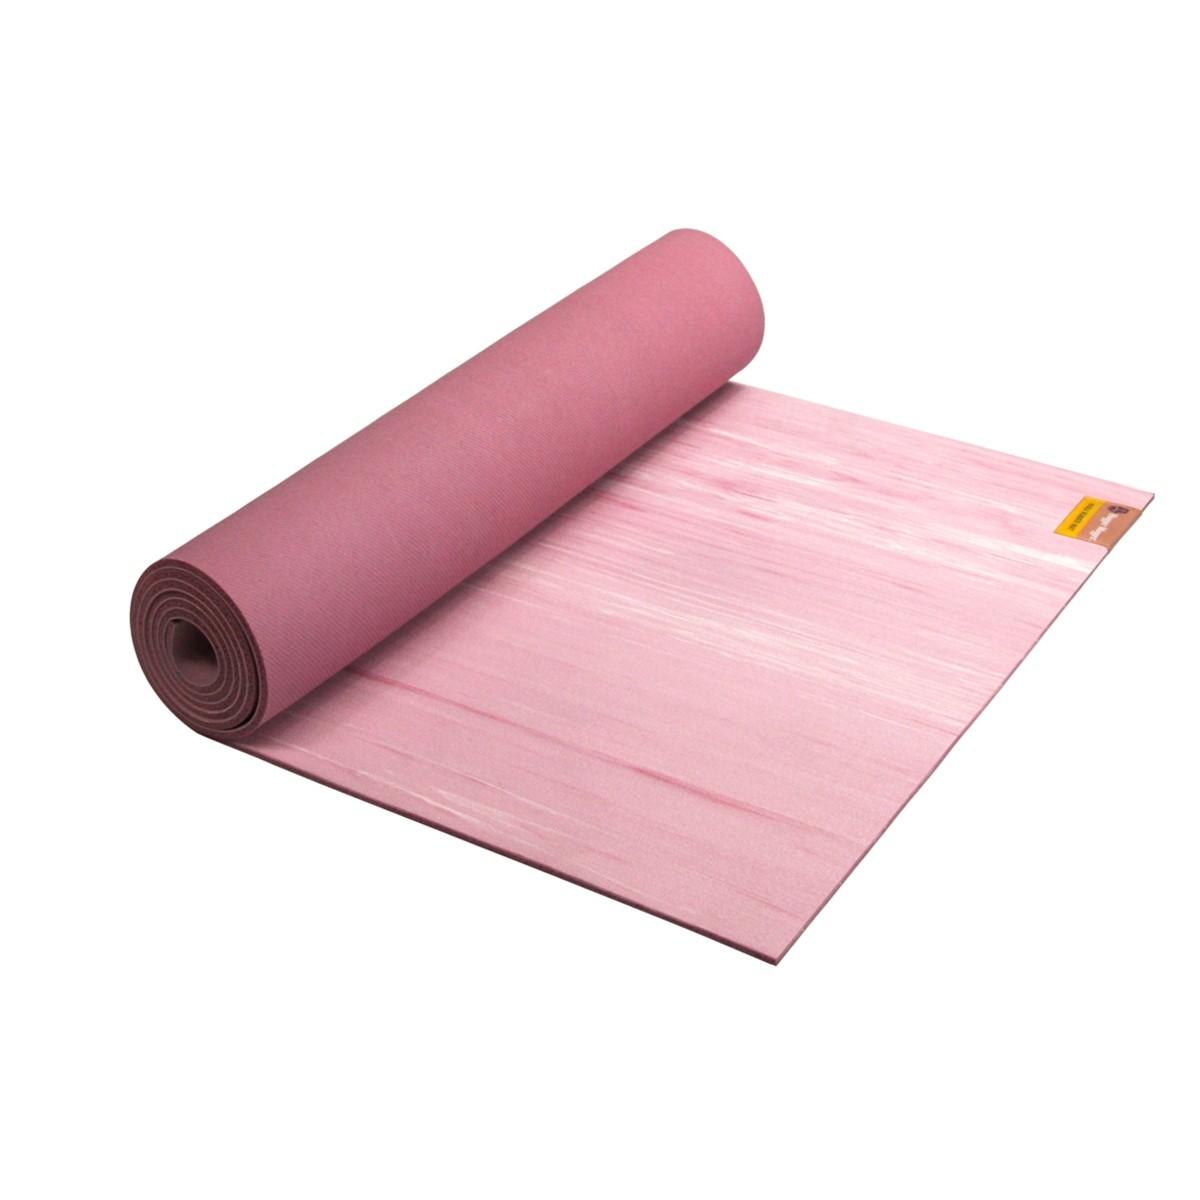 Para Rubber Yoga Mat in Rose